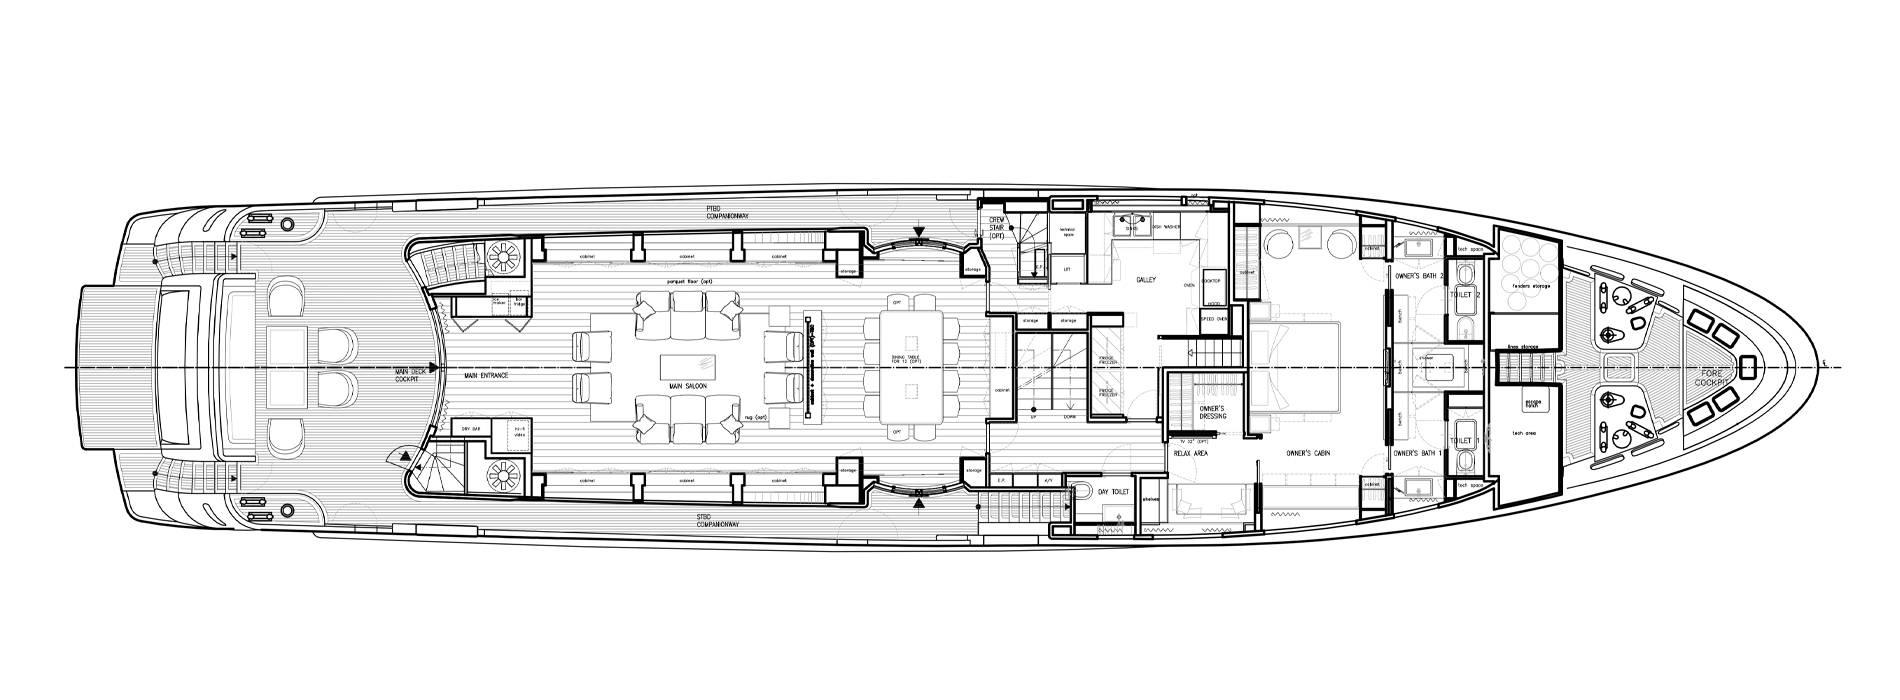 Sanlorenzo Yachts SD122-27 under offer Main deck